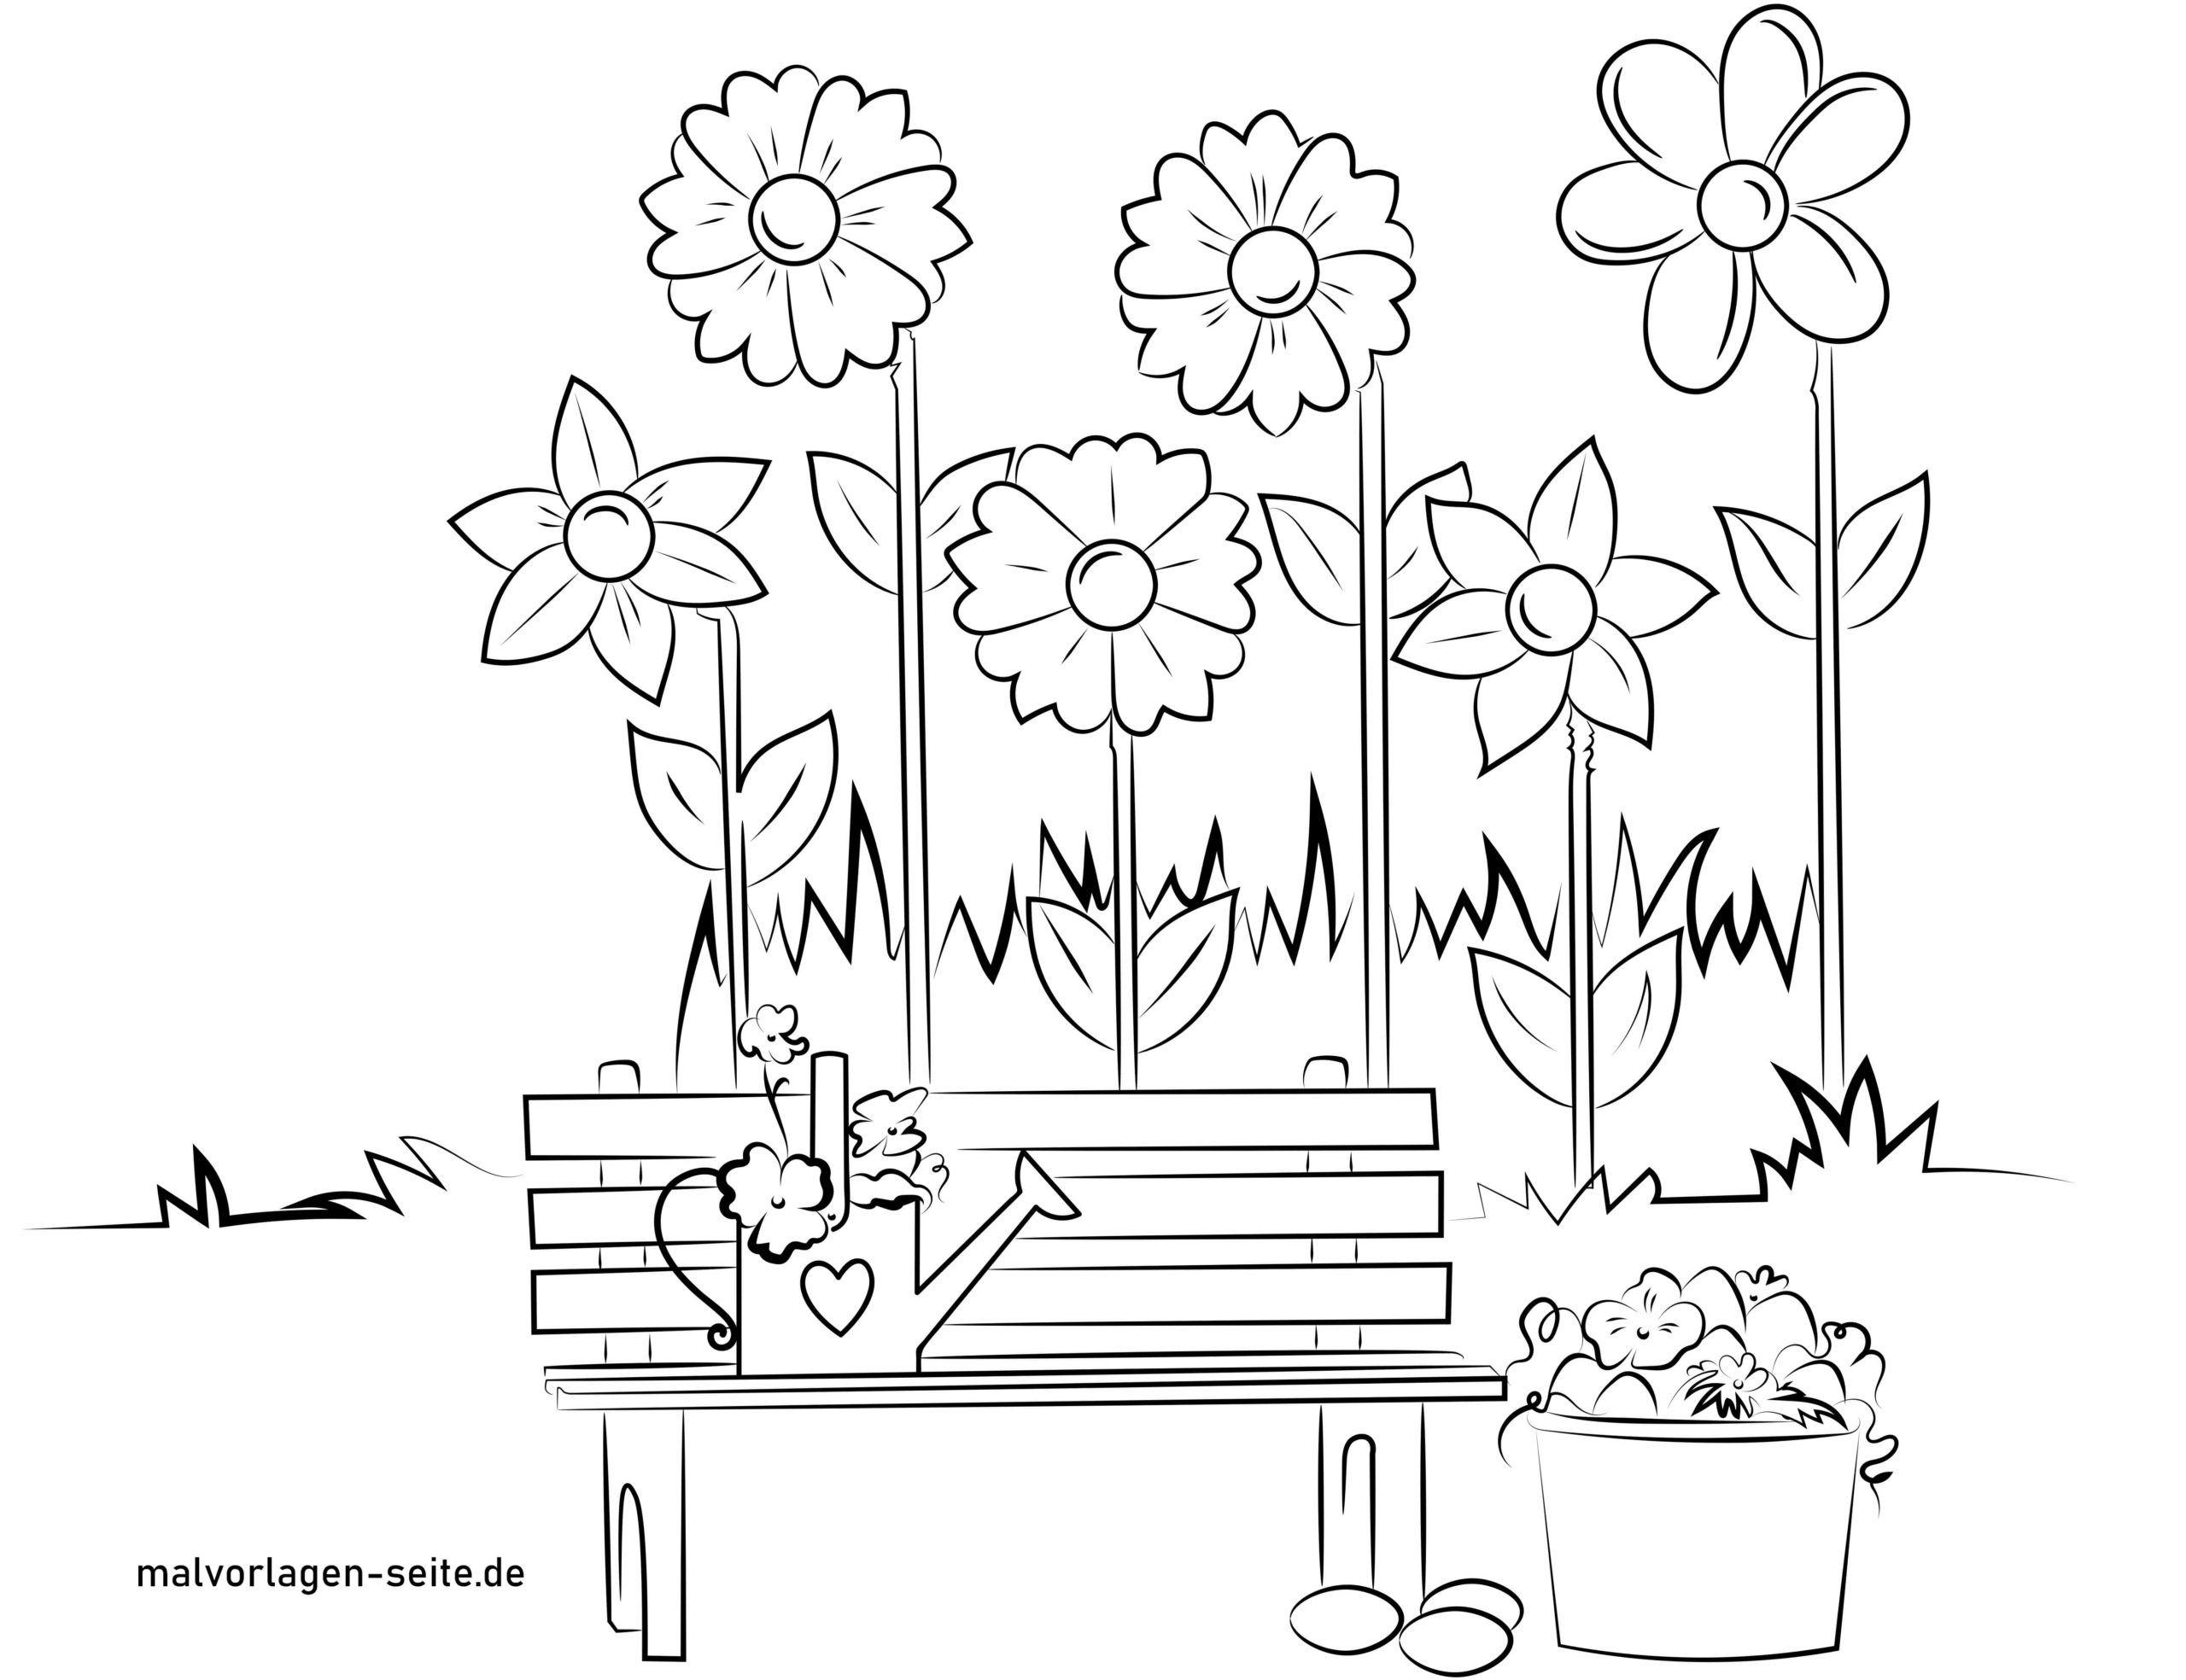 Fensterbilder Vorlage Frühling - Ausmalbilder Kostenlos bestimmt für Frühlingsblumen Fensterbilder Vorlagen